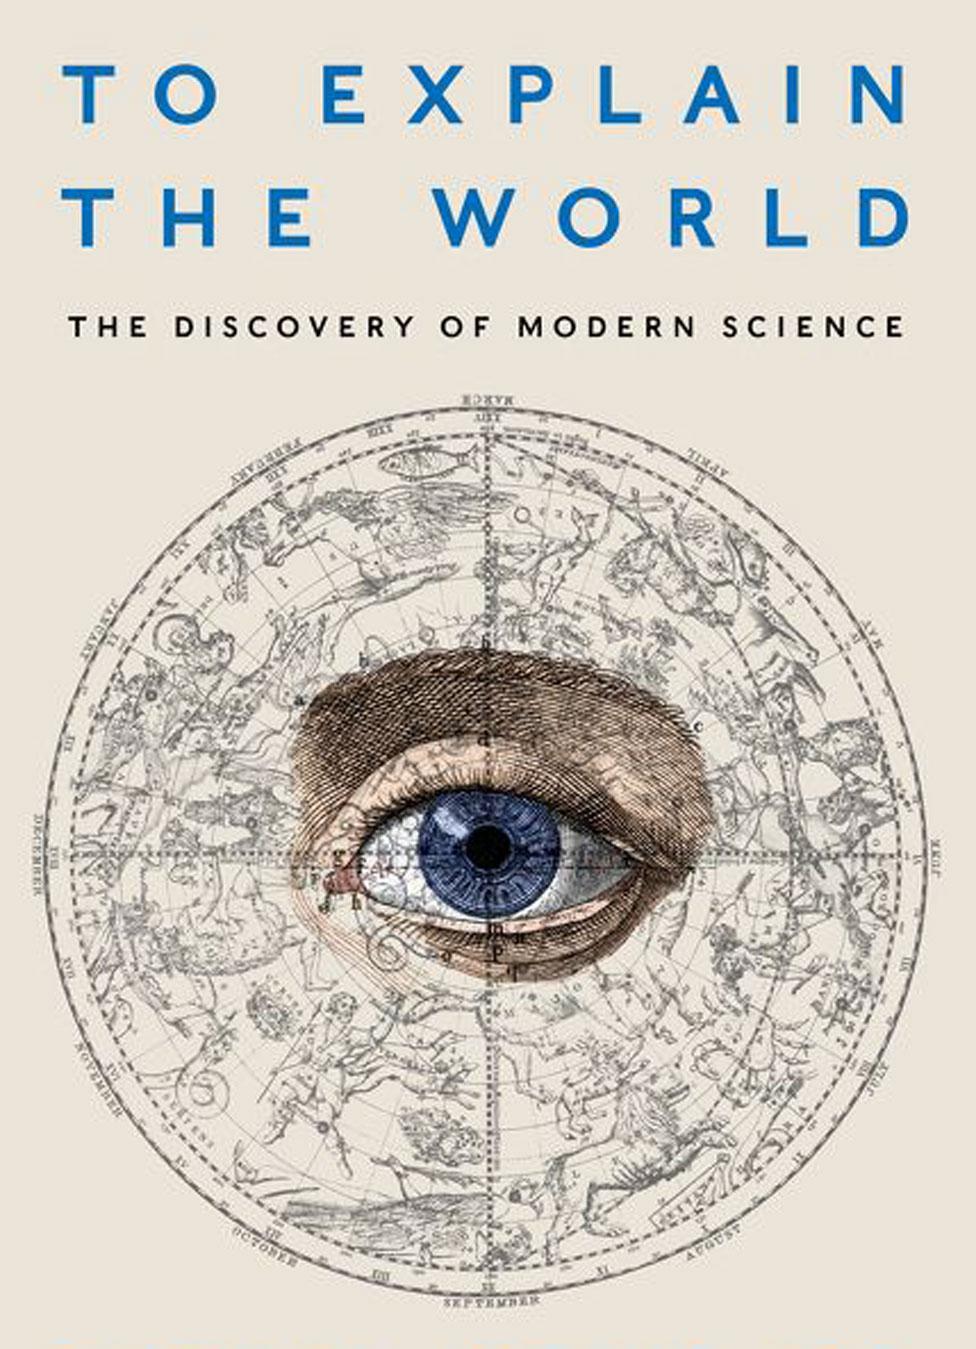 La portada del libro de Weinberg